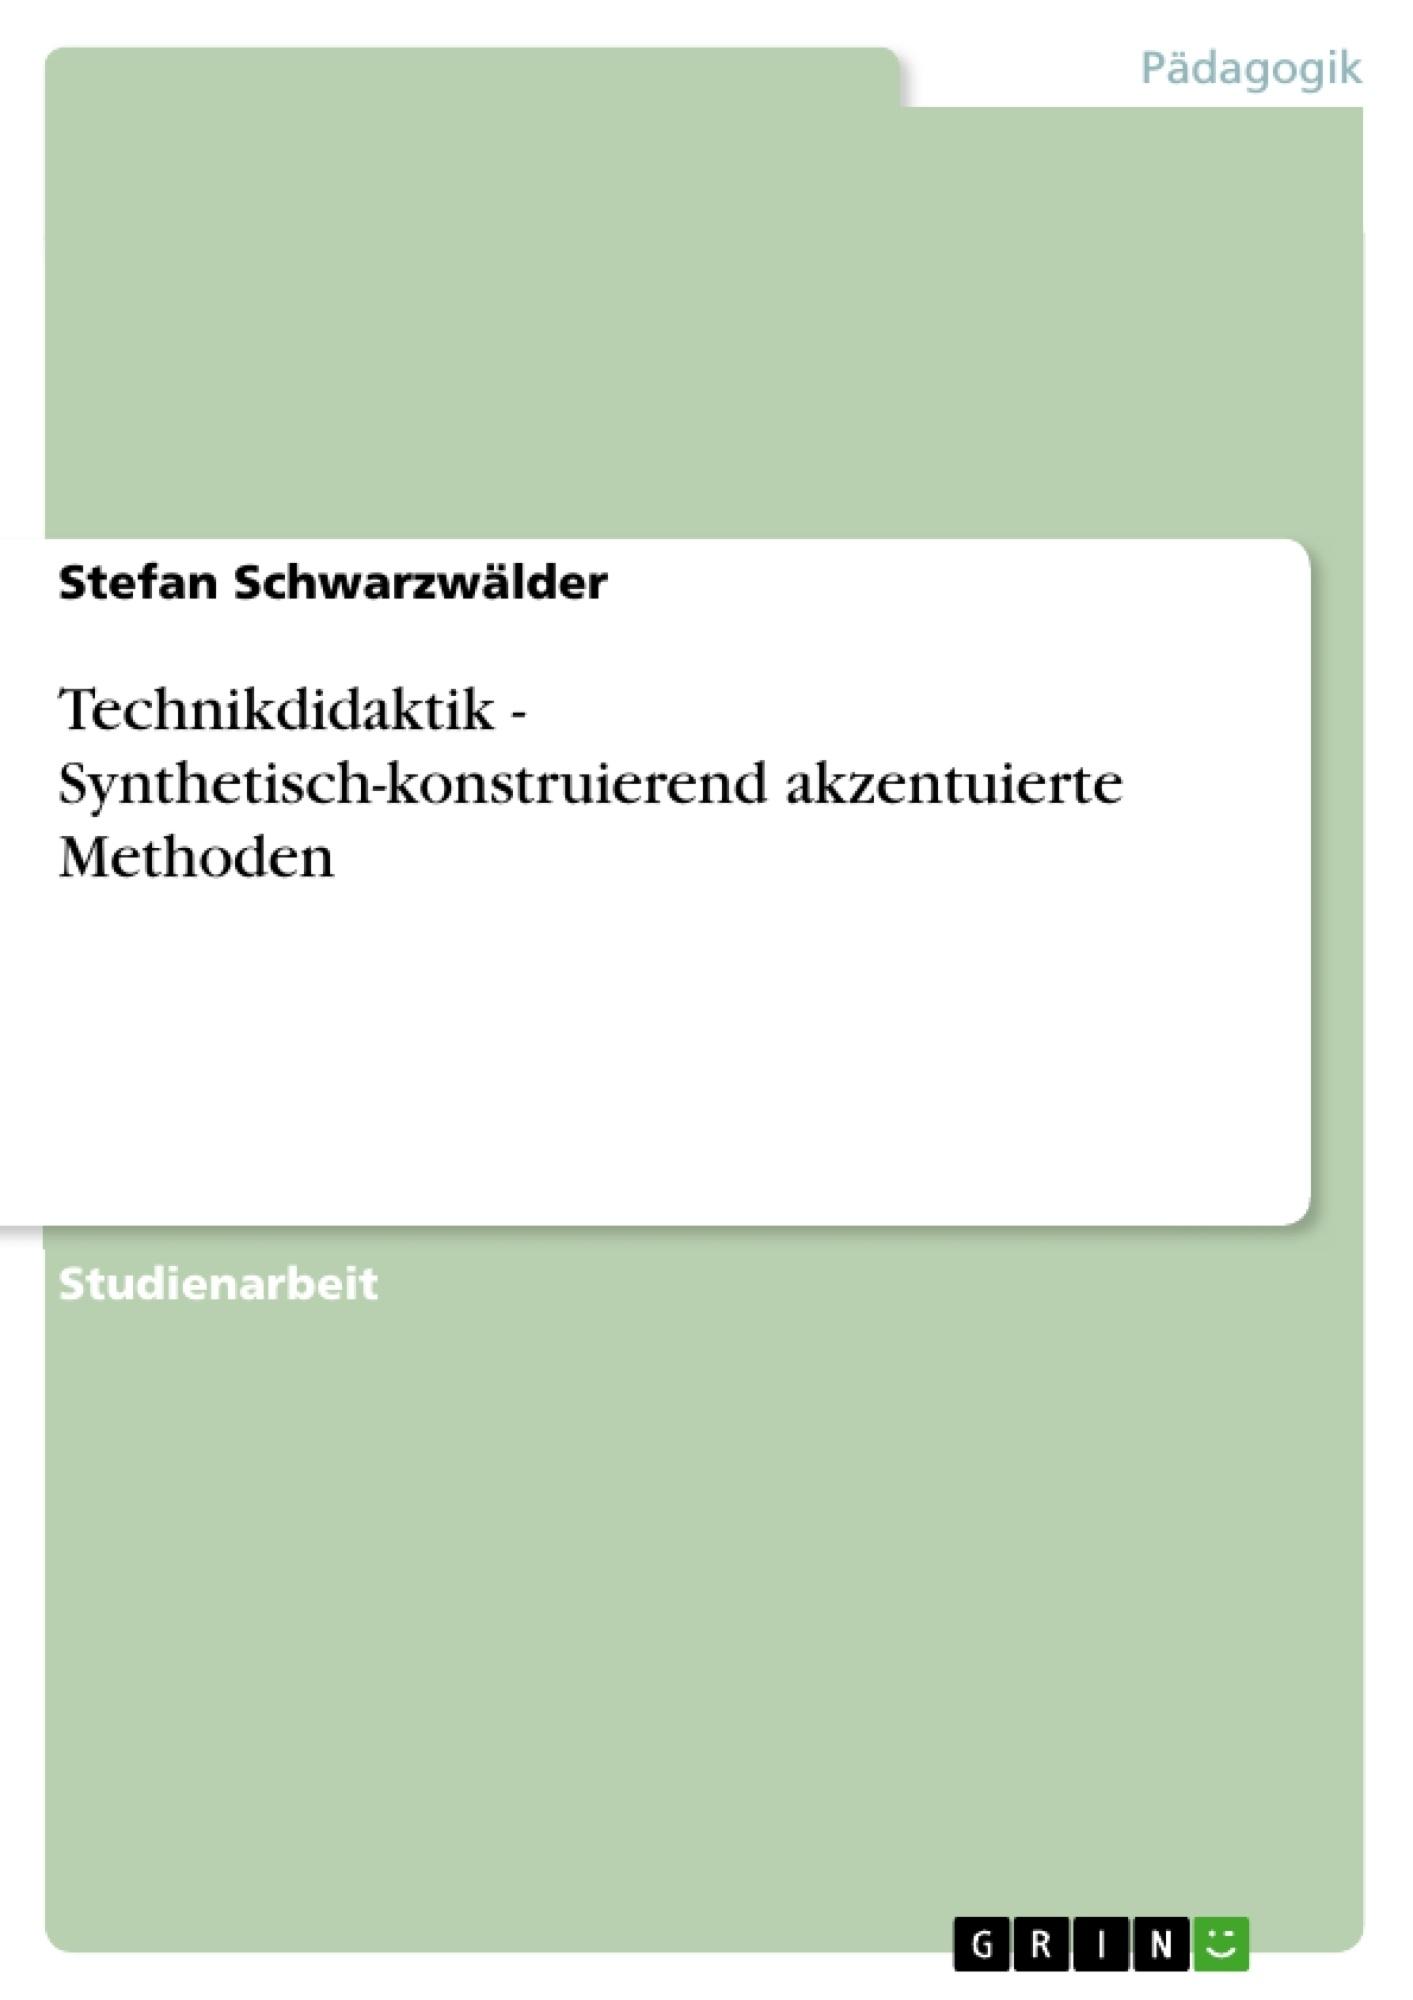 Titel: Technikdidaktik - Synthetisch-konstruierend akzentuierte Methoden